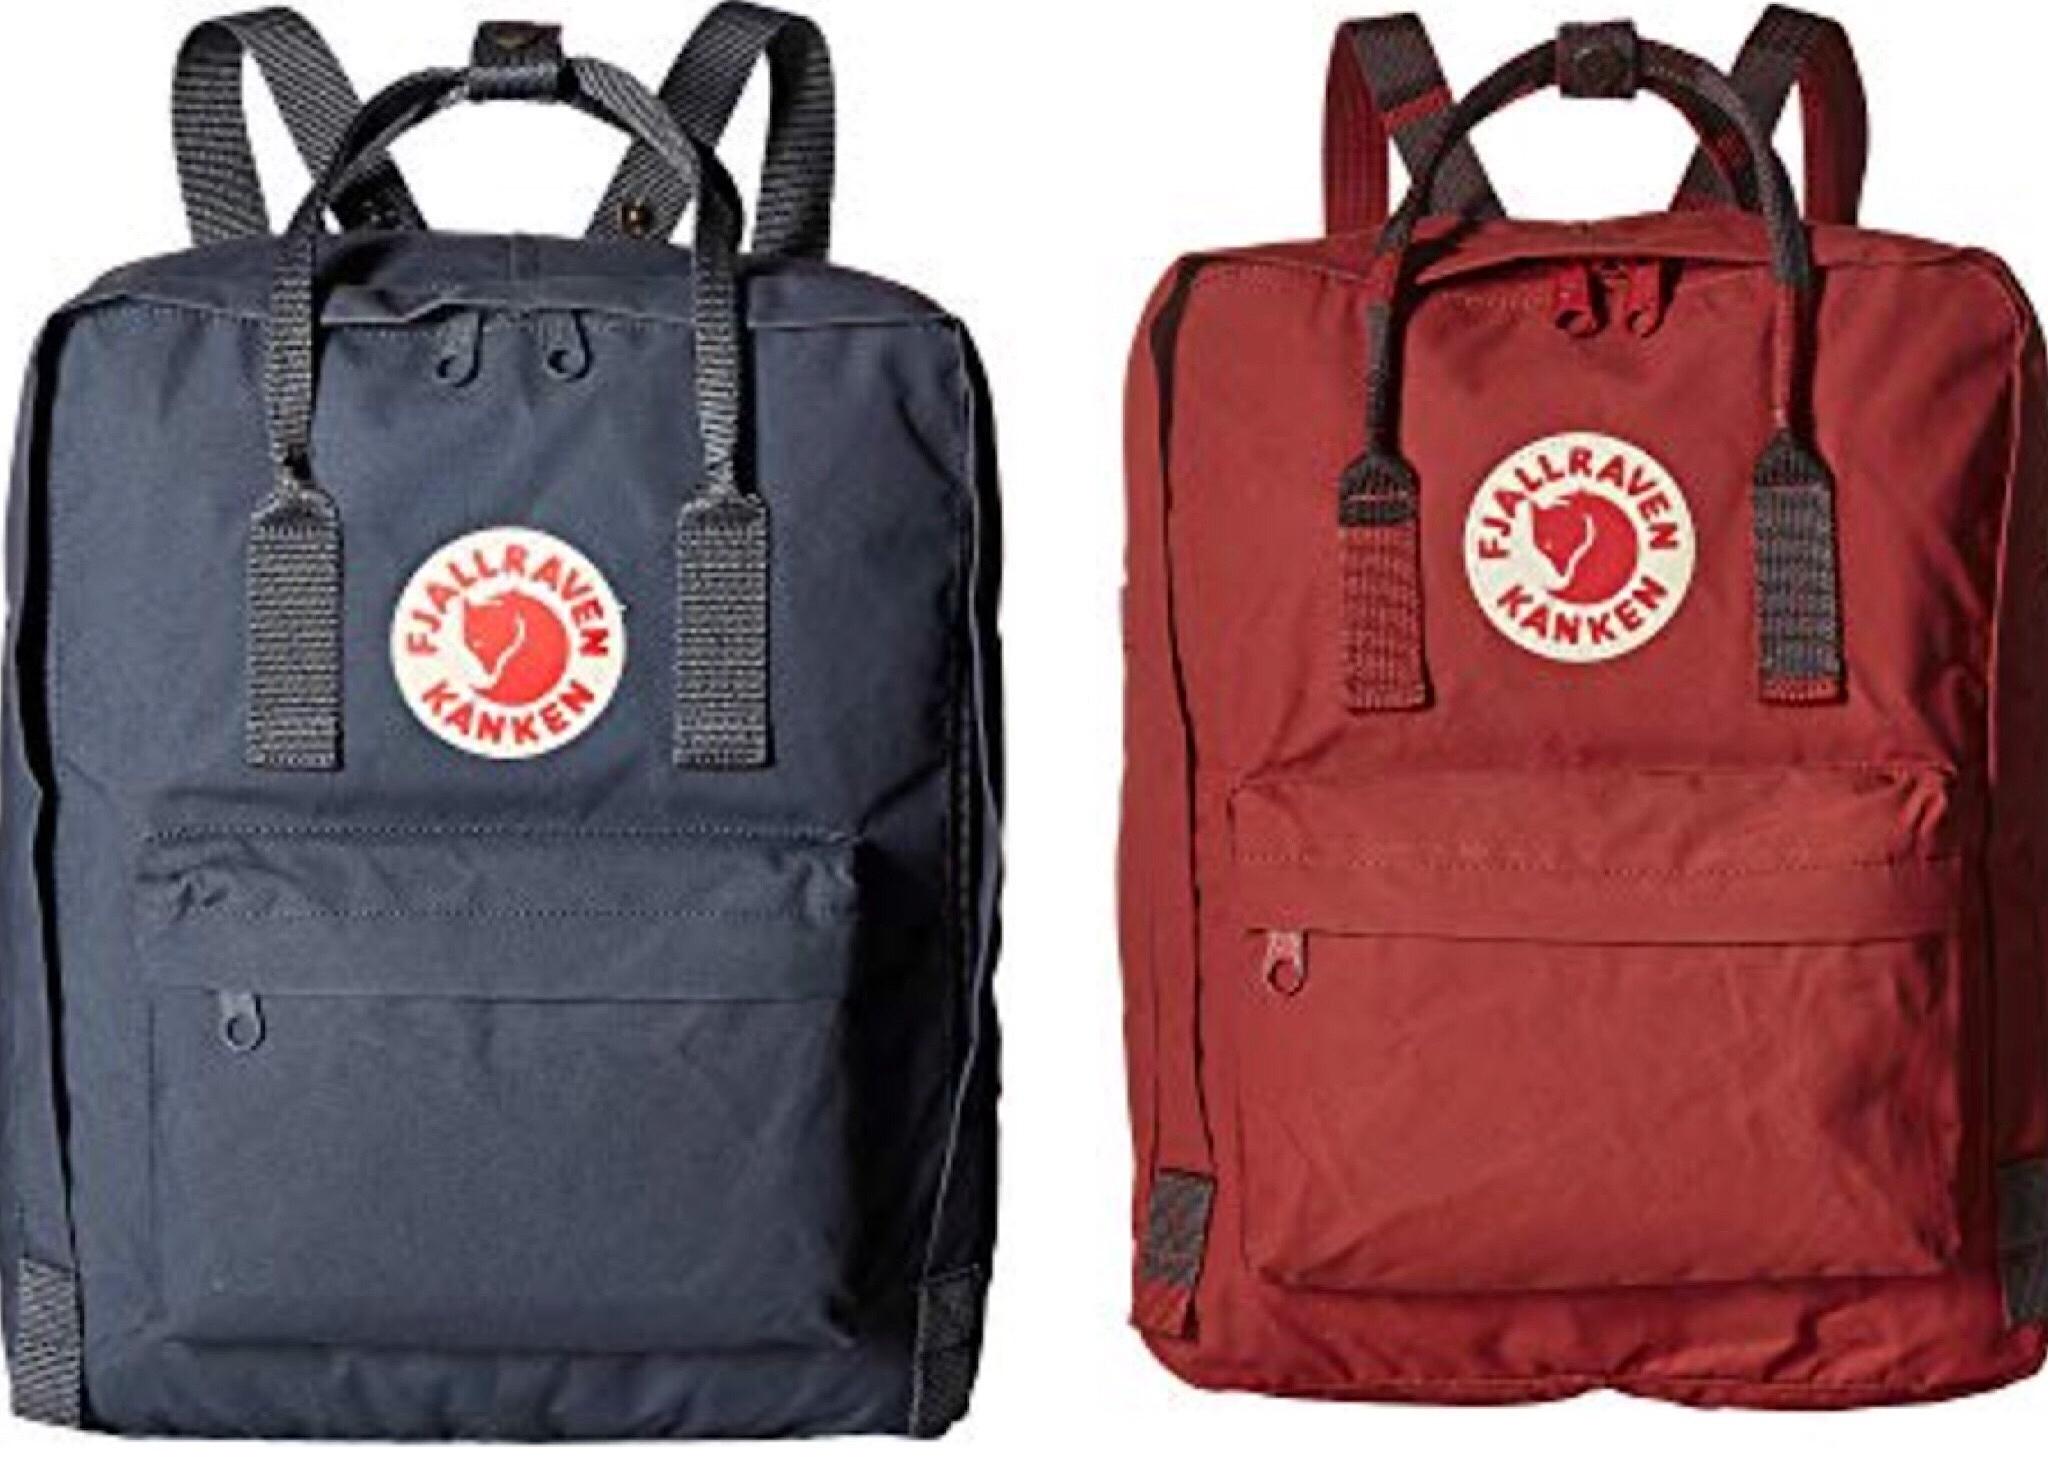 South Lumina Style Backpacks For Back to School Fjallraven Kanken